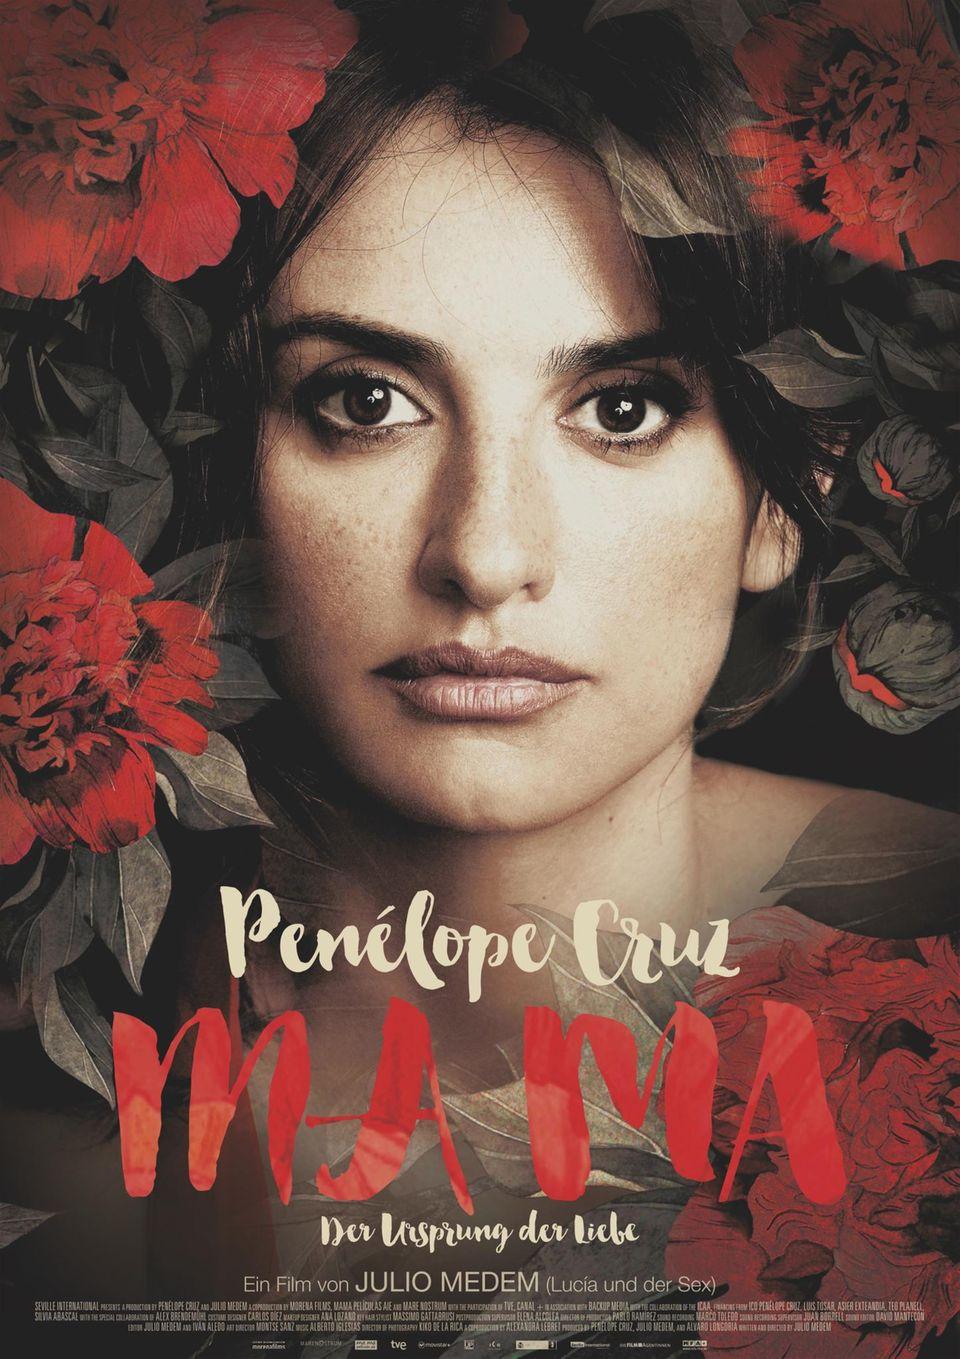 """Jetzt im Kino: In """"Ma Ma - Der Ursprung der Liebe"""" spielt Penélope Cruz bravourös eine krebskranke Frau, die dennoch die schönen Seiten des Lebens entdeckt"""